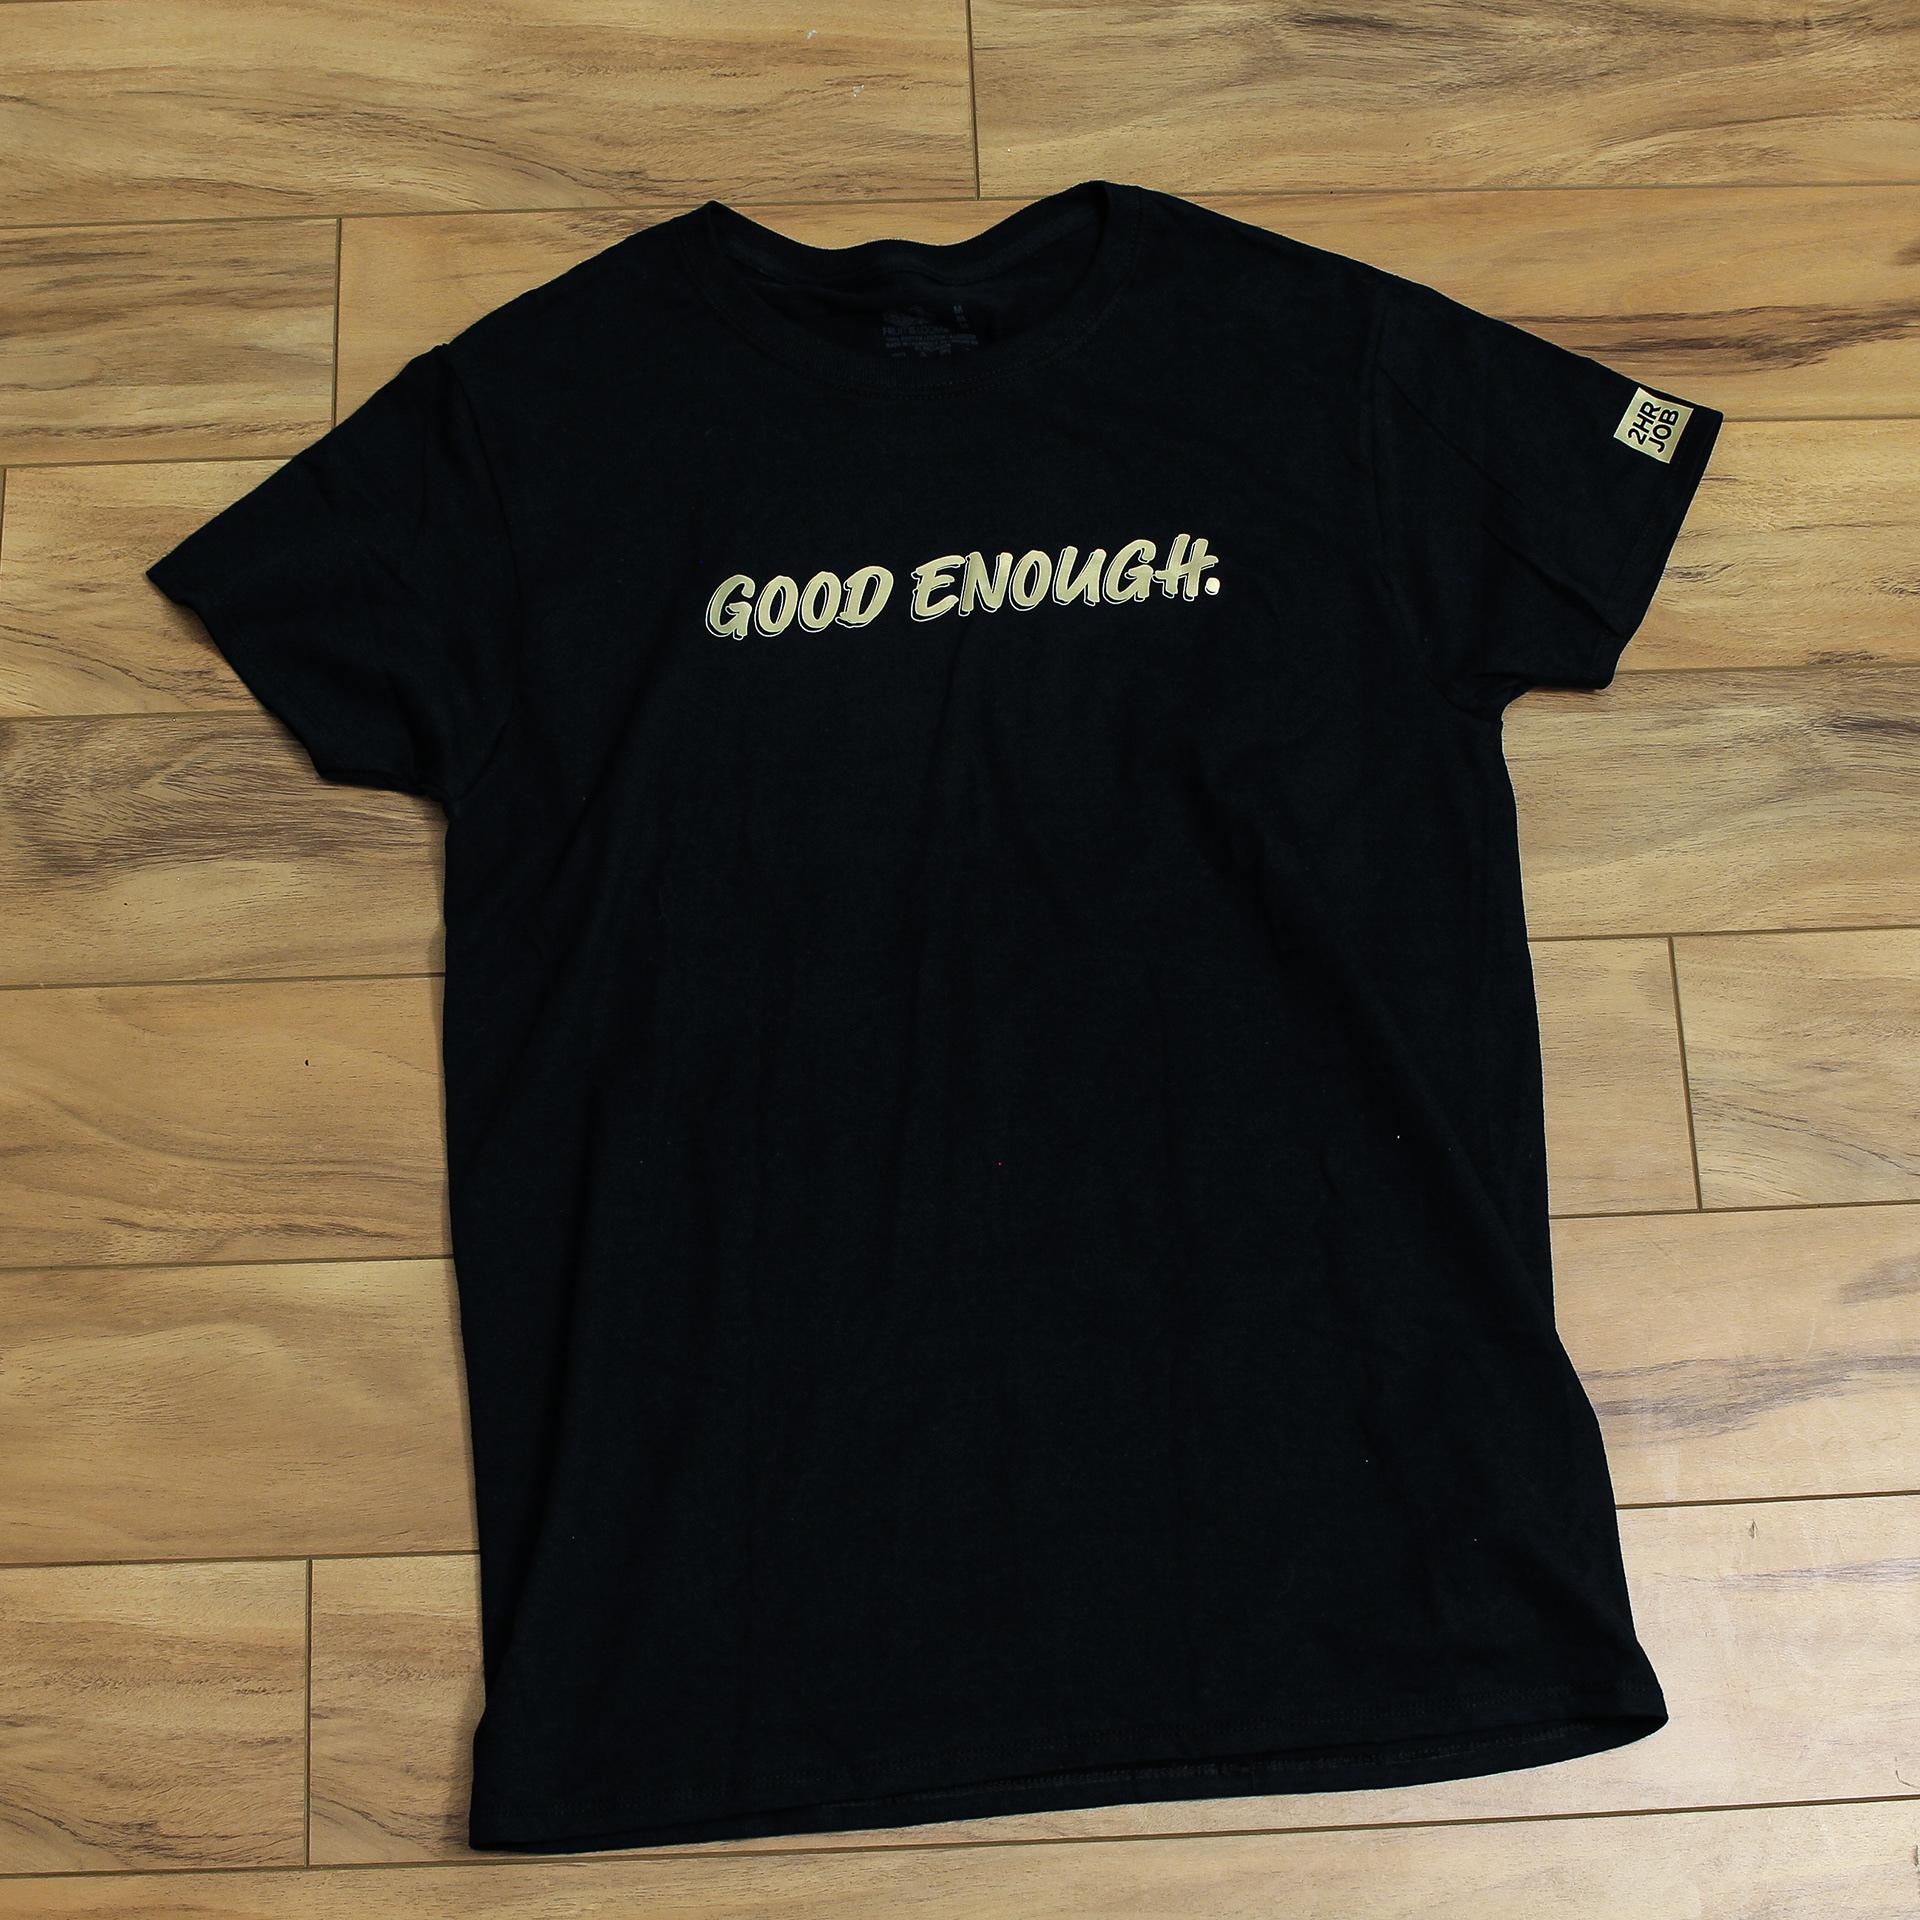 b0b7124530a4bc Emilie Steinblums - 2HR JOB Shirt Designs